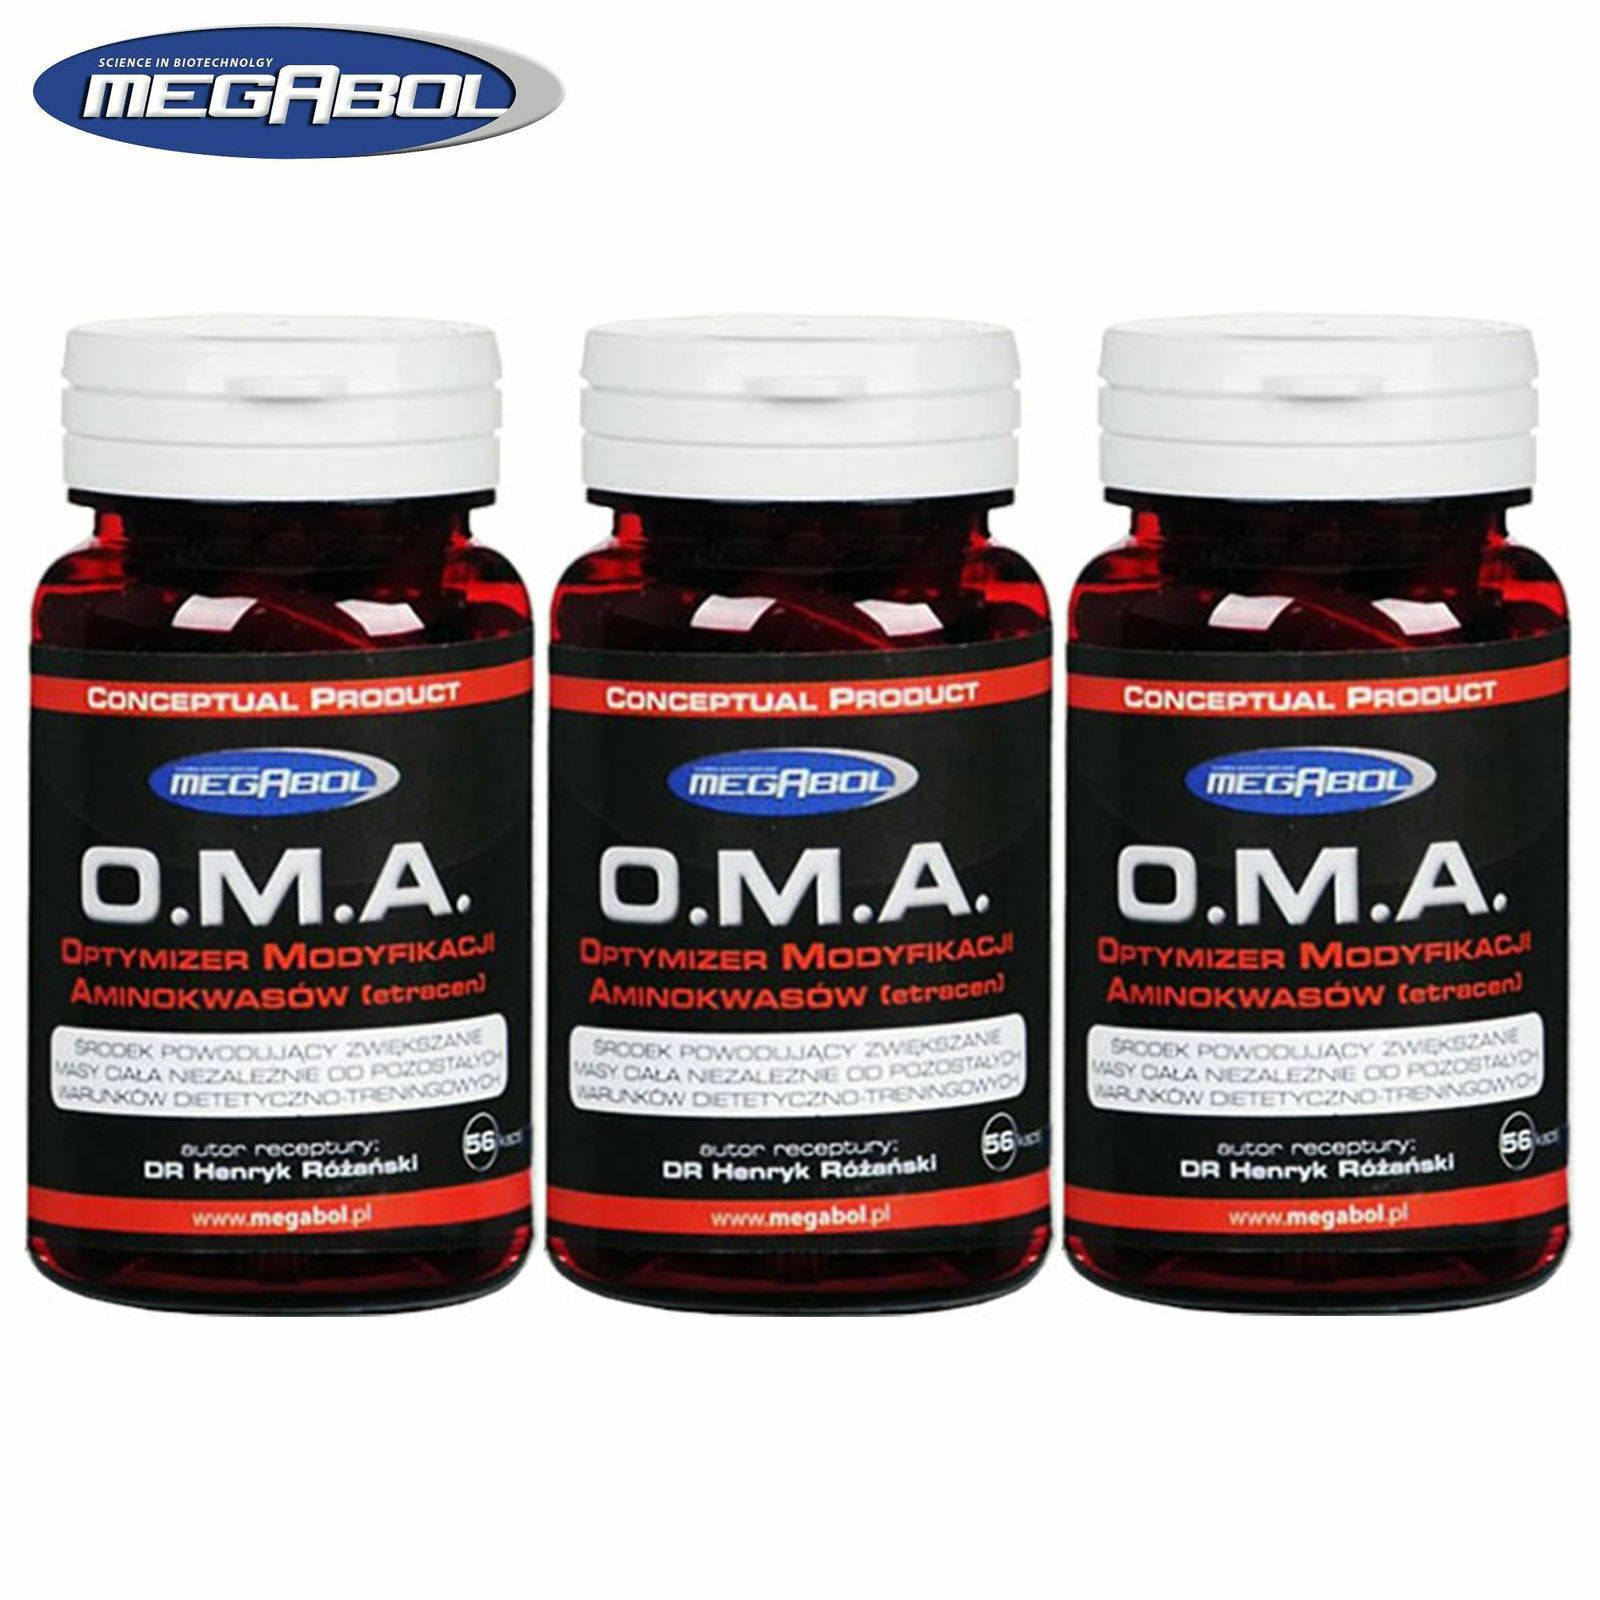 O.M.A. Etracen 56-336 Capsules Muscle Mass Weight Gain Anabolism Enhancer Pills